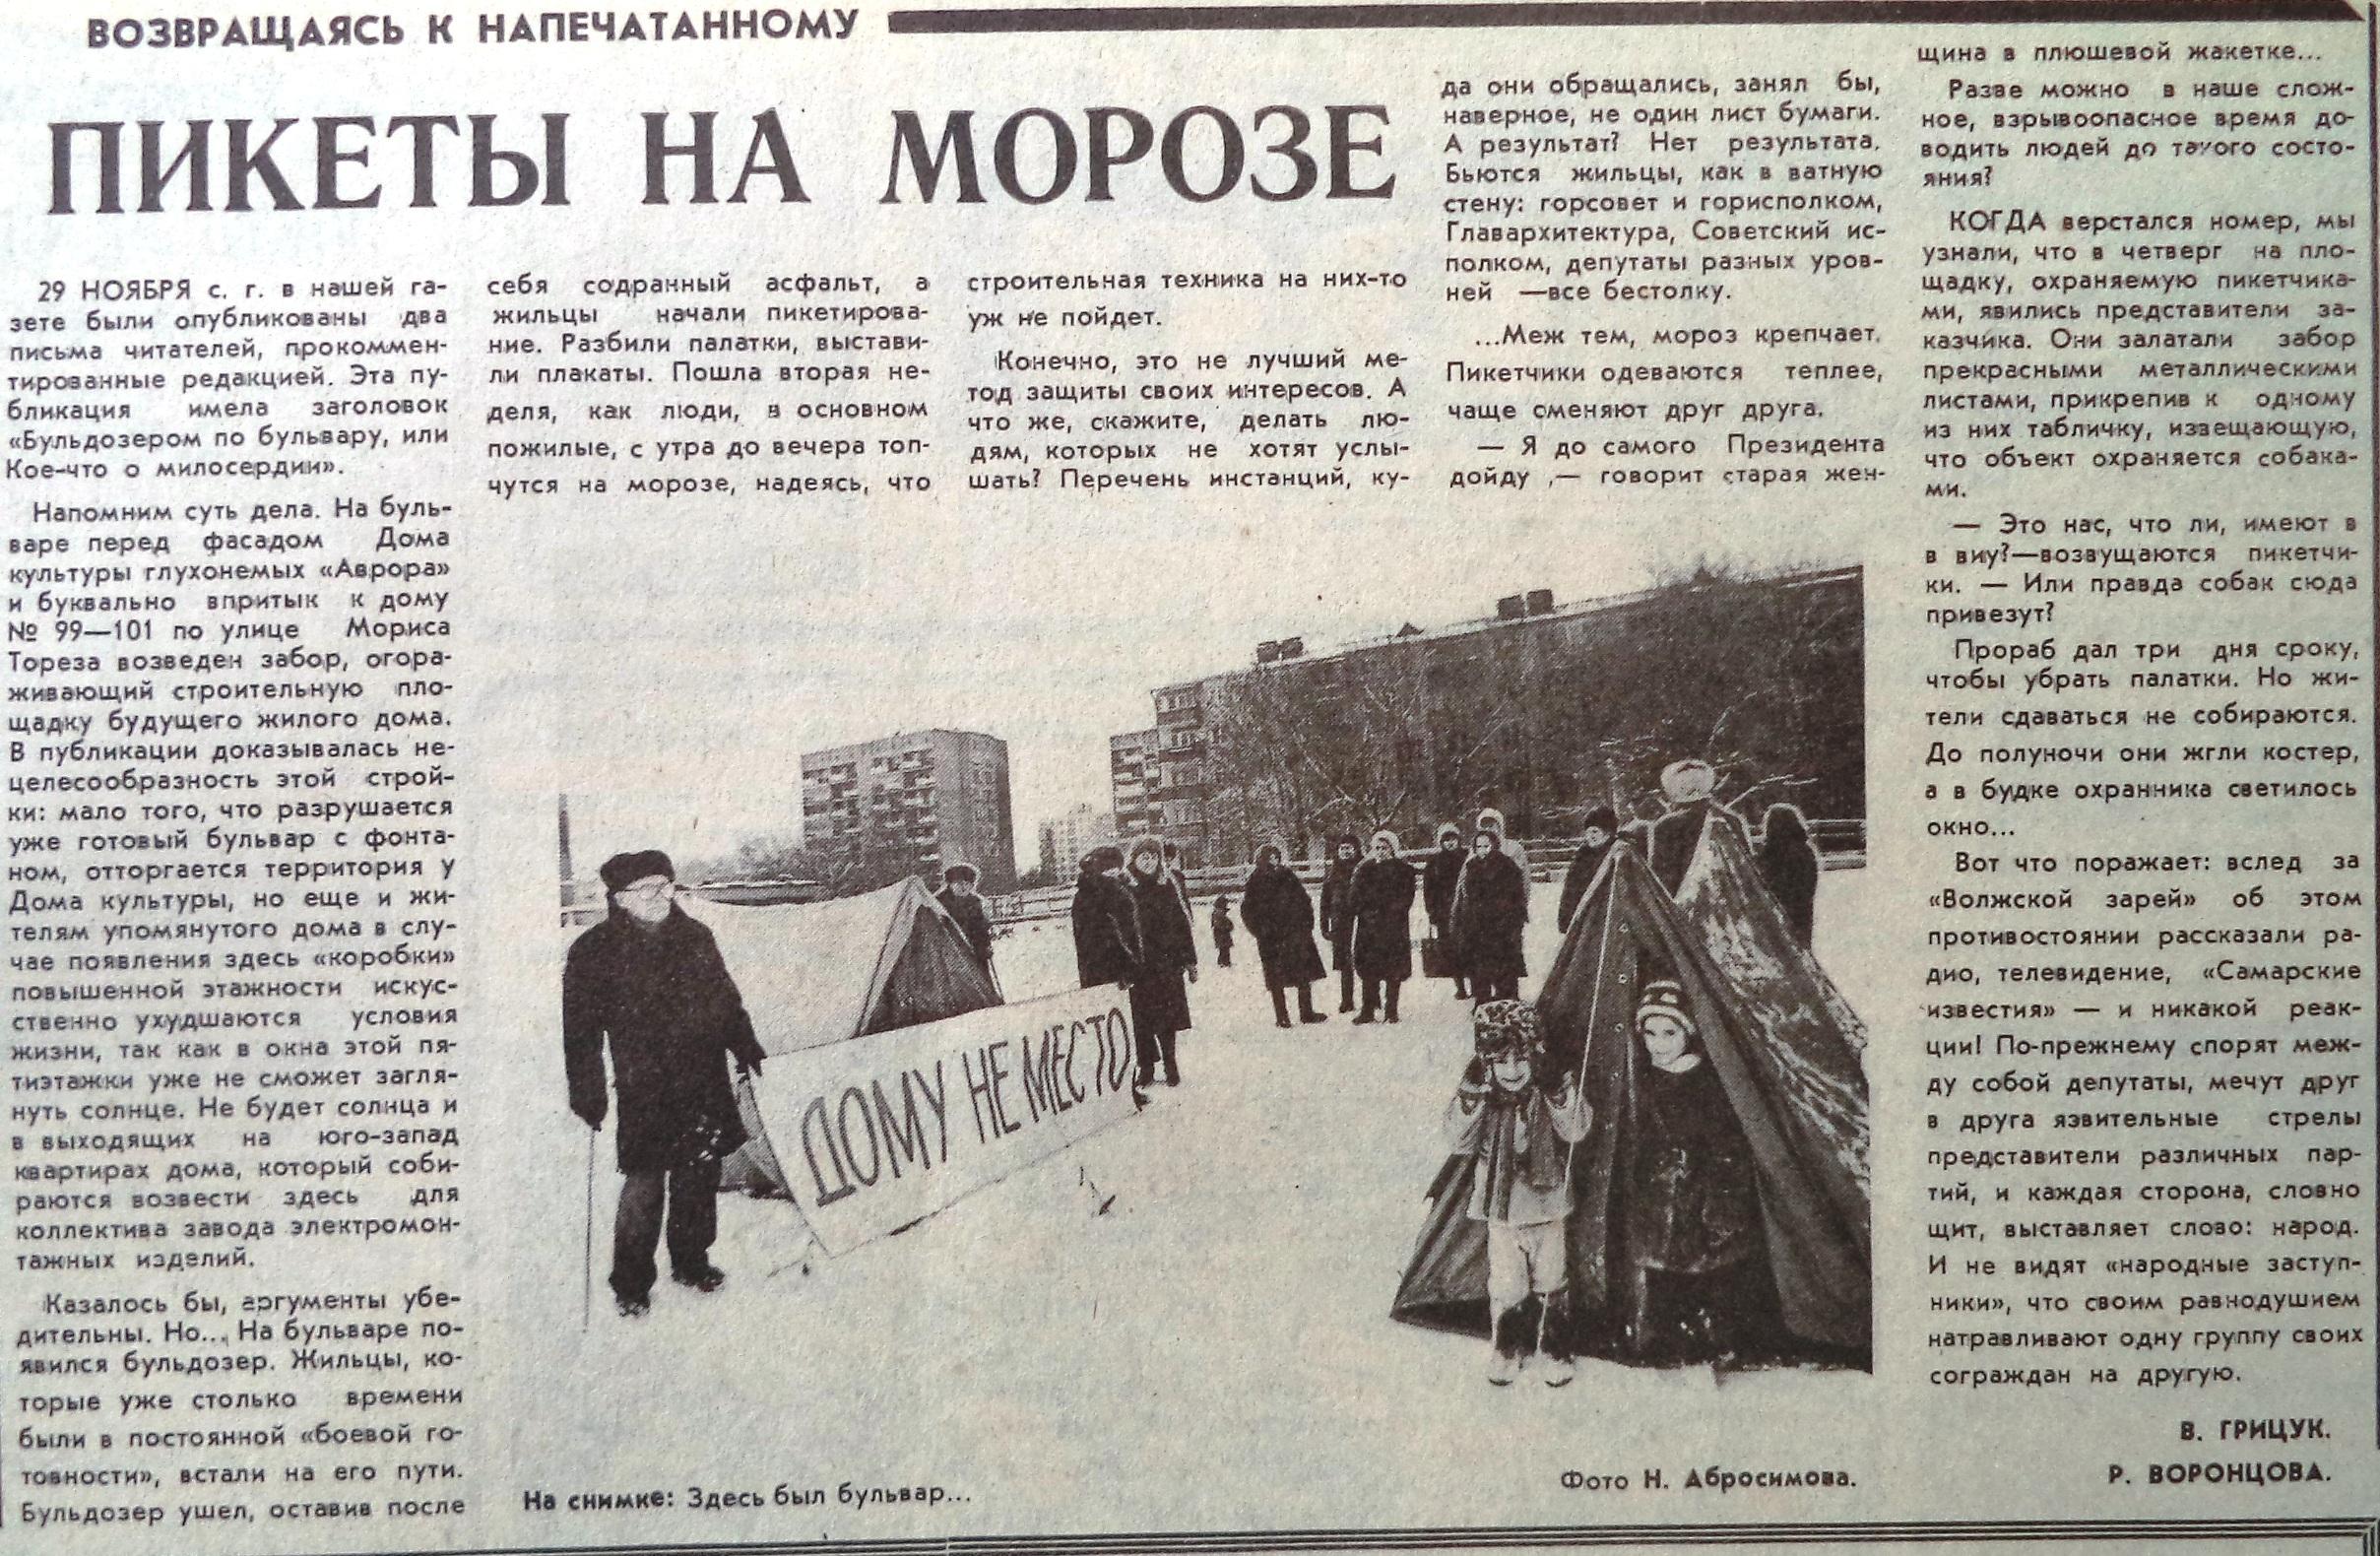 Мориса Тореза-ФОТО-88-ВЗя-1990-12-15-пробл. застройки у ДК Аврора - ещё